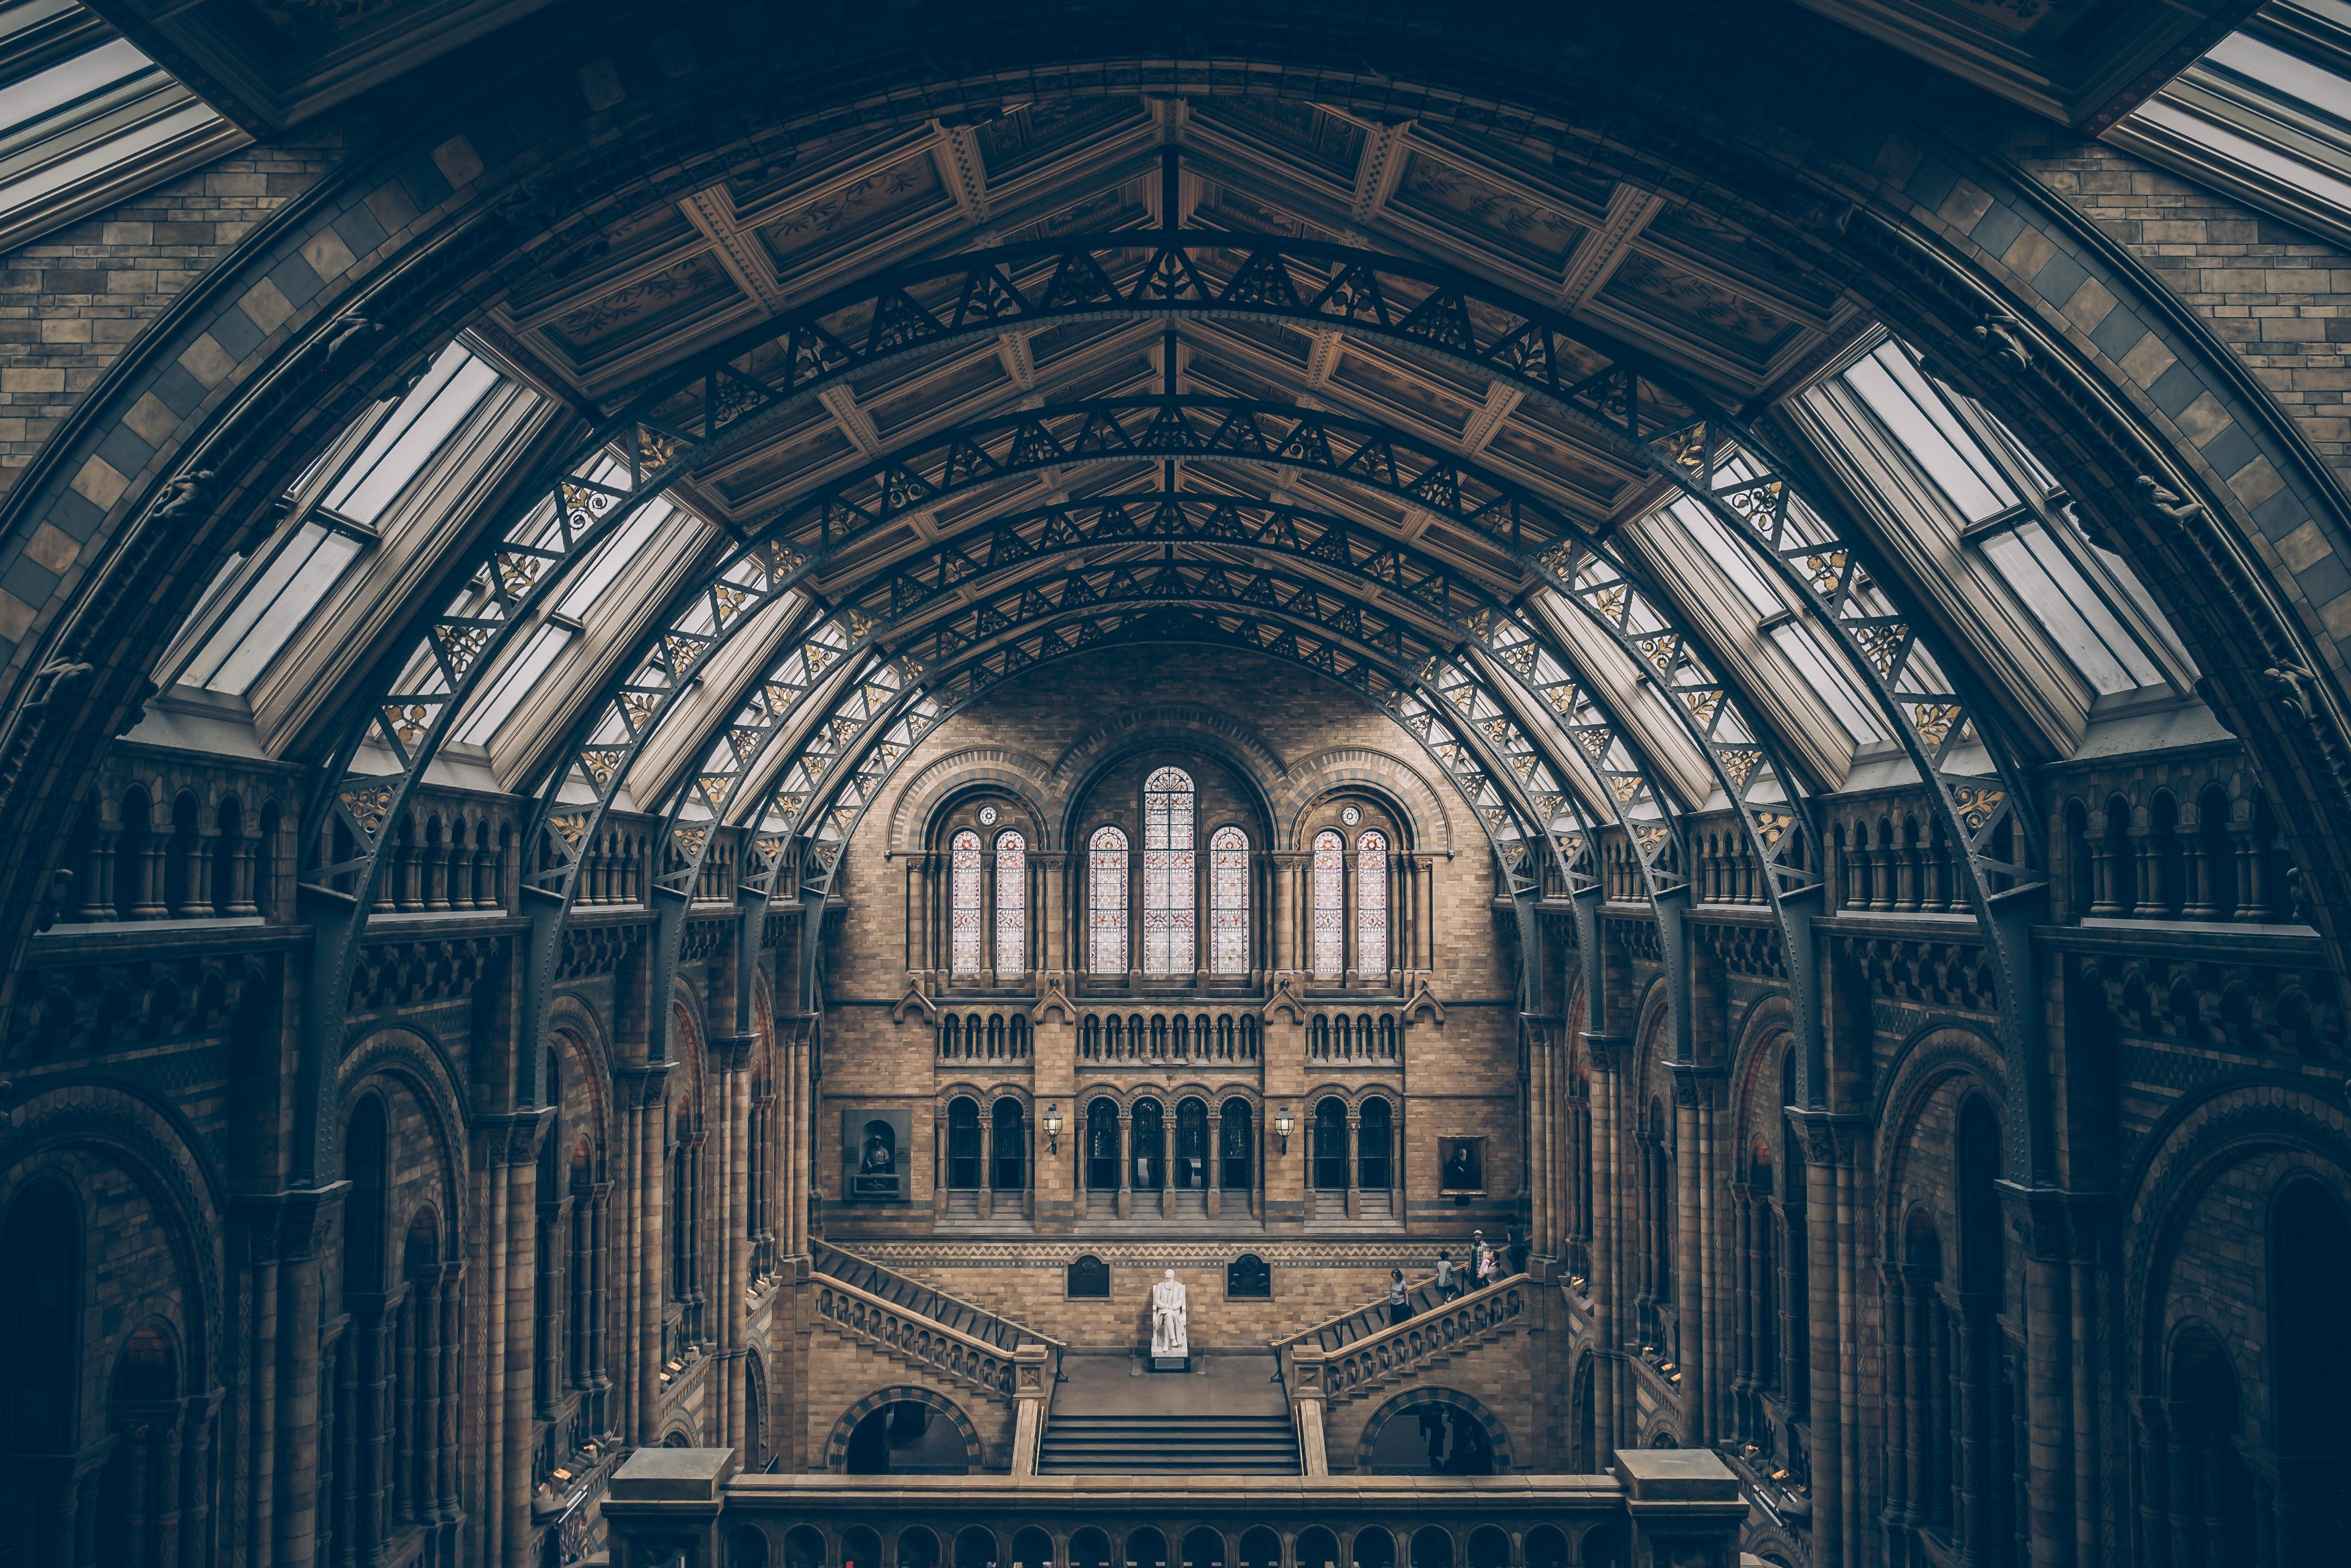 arches-architectural-design-architecture-135018